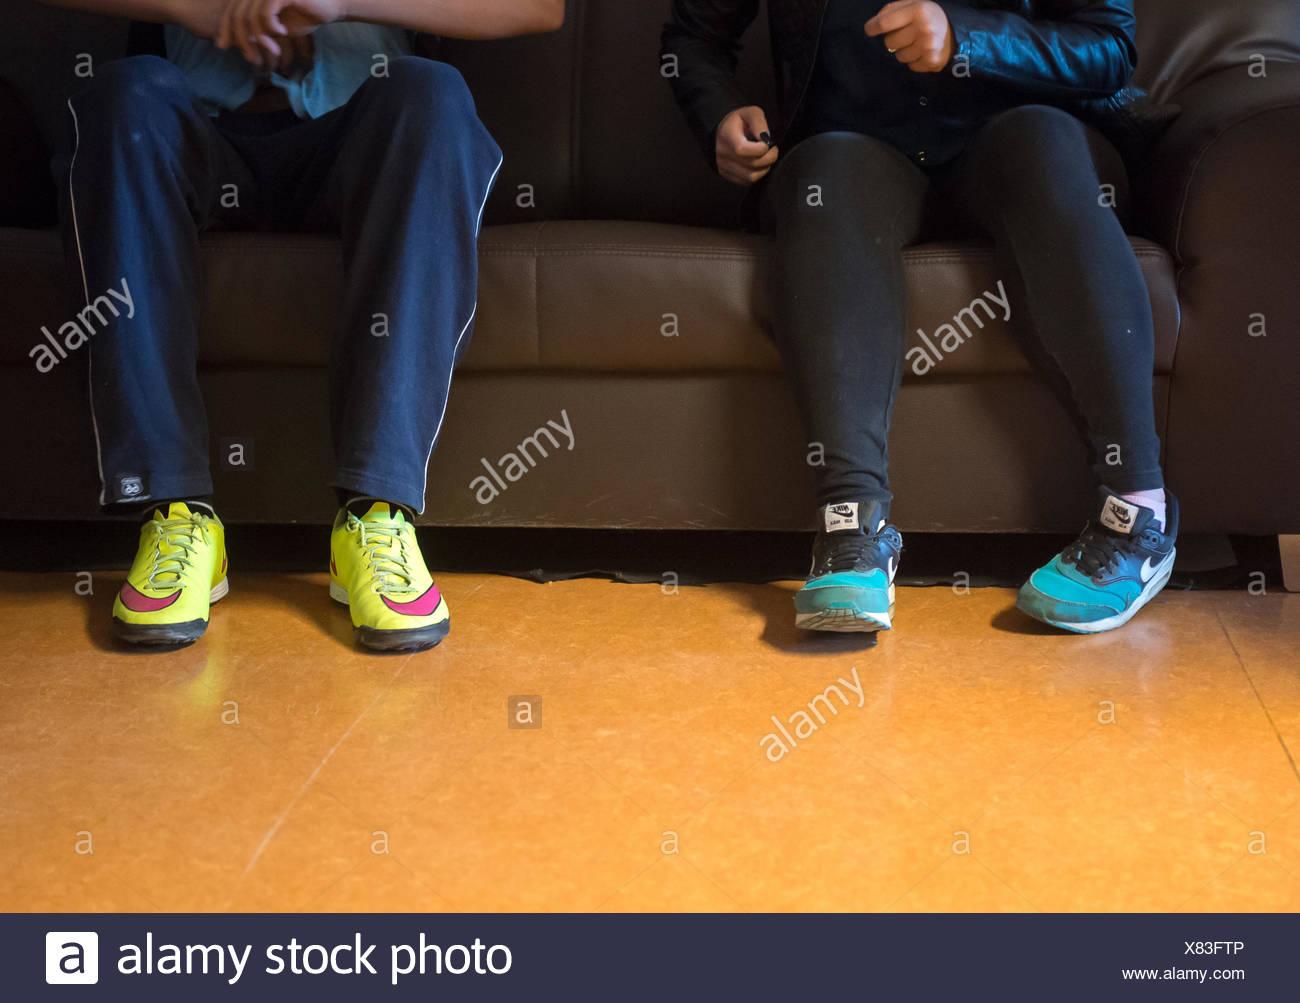 zapatillas nike adolescente